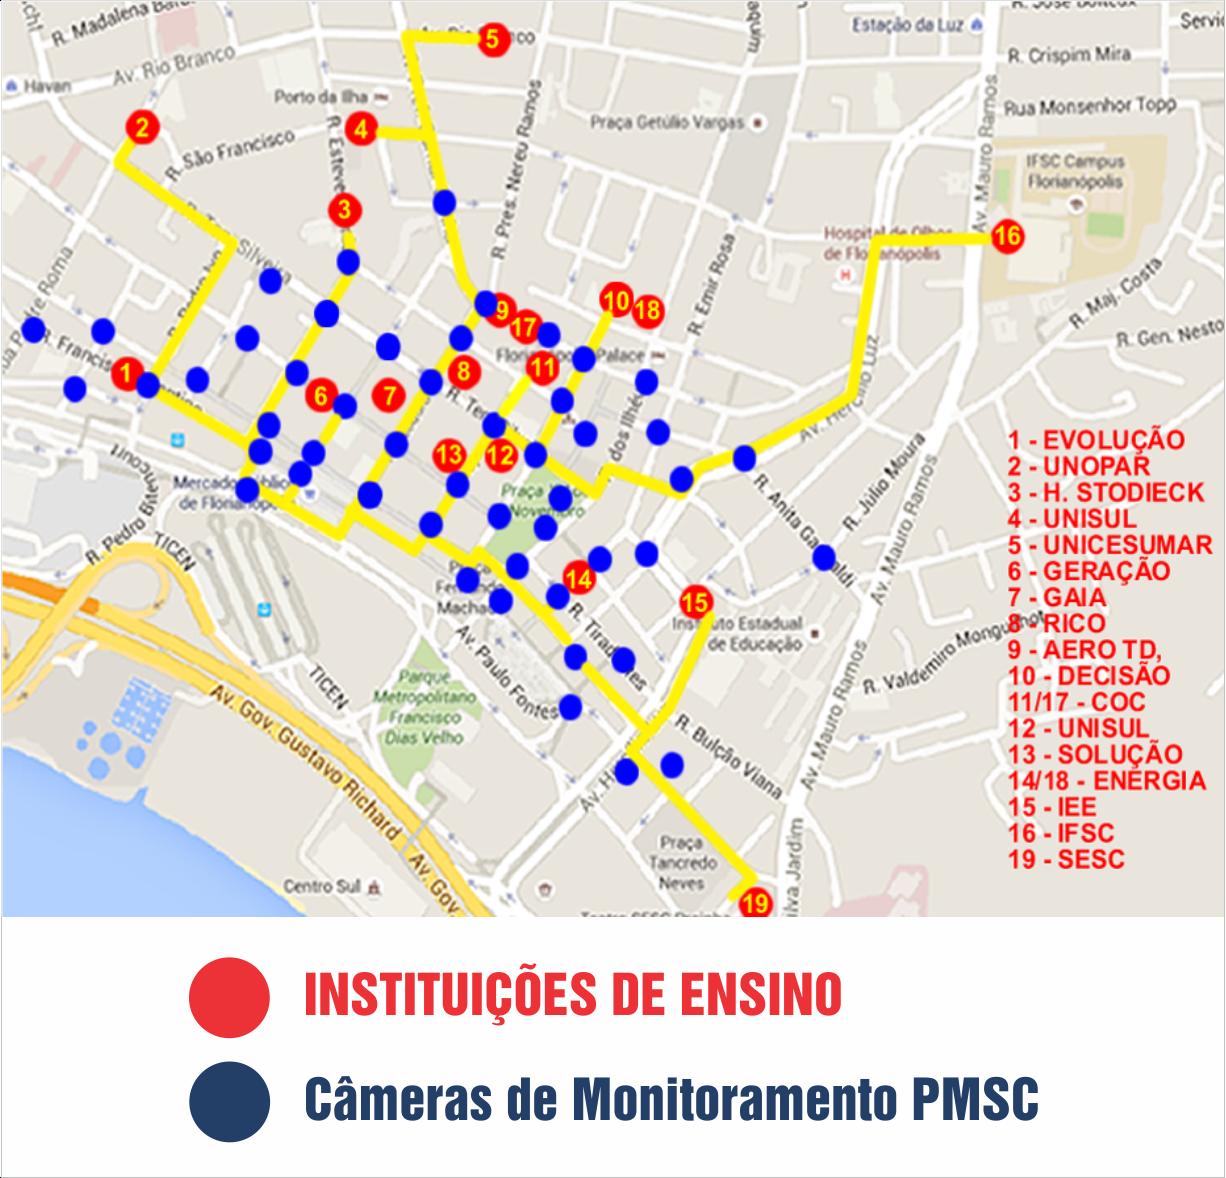 projeto_rota_segura_cameras_e_instituicoes